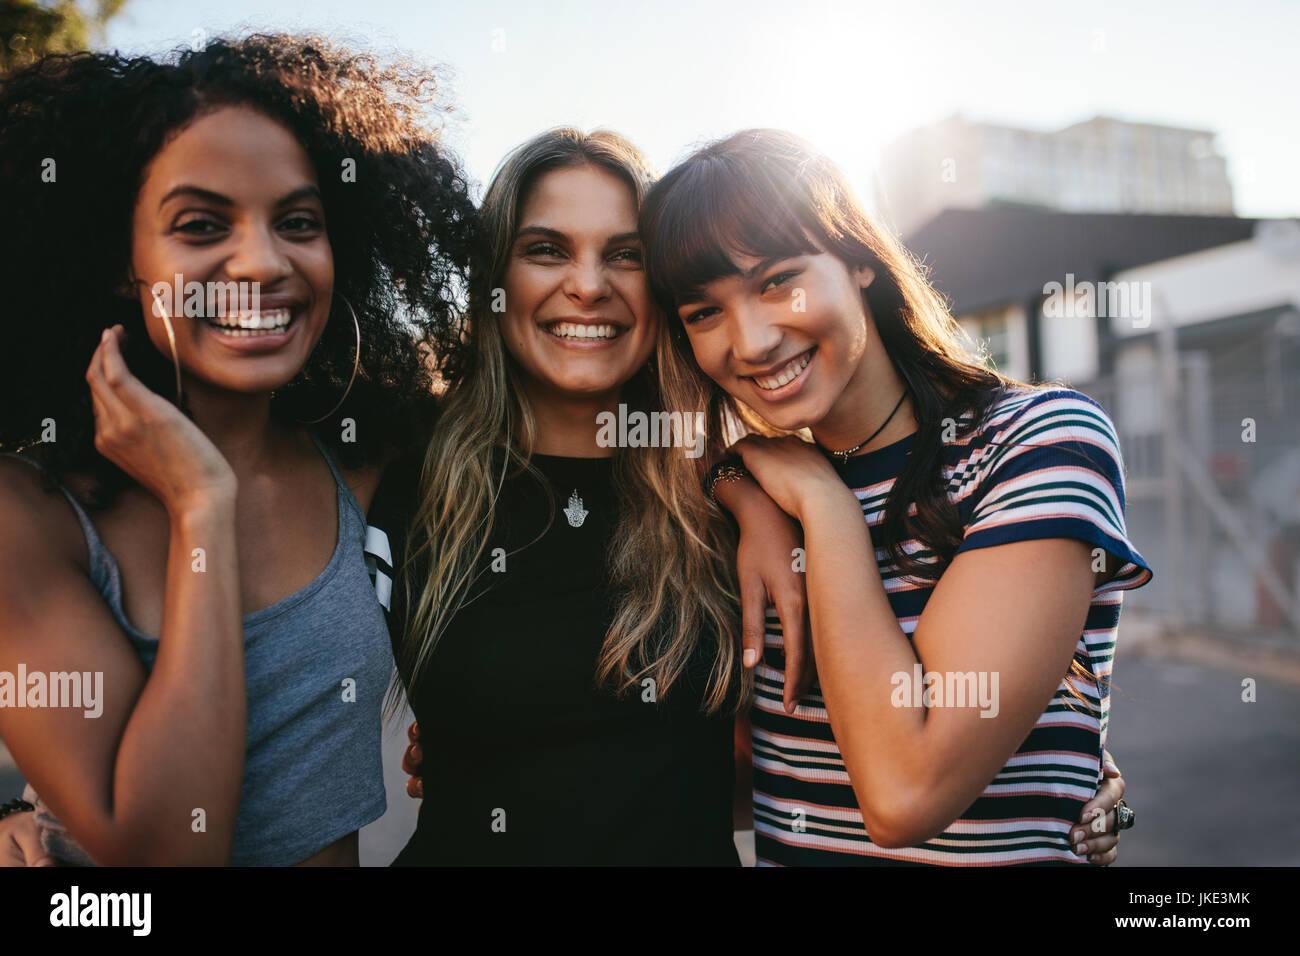 Tourné en plein air de trois jeunes femmes s'amusant on city street. Femmes multiraciales amis profiter Photo Stock